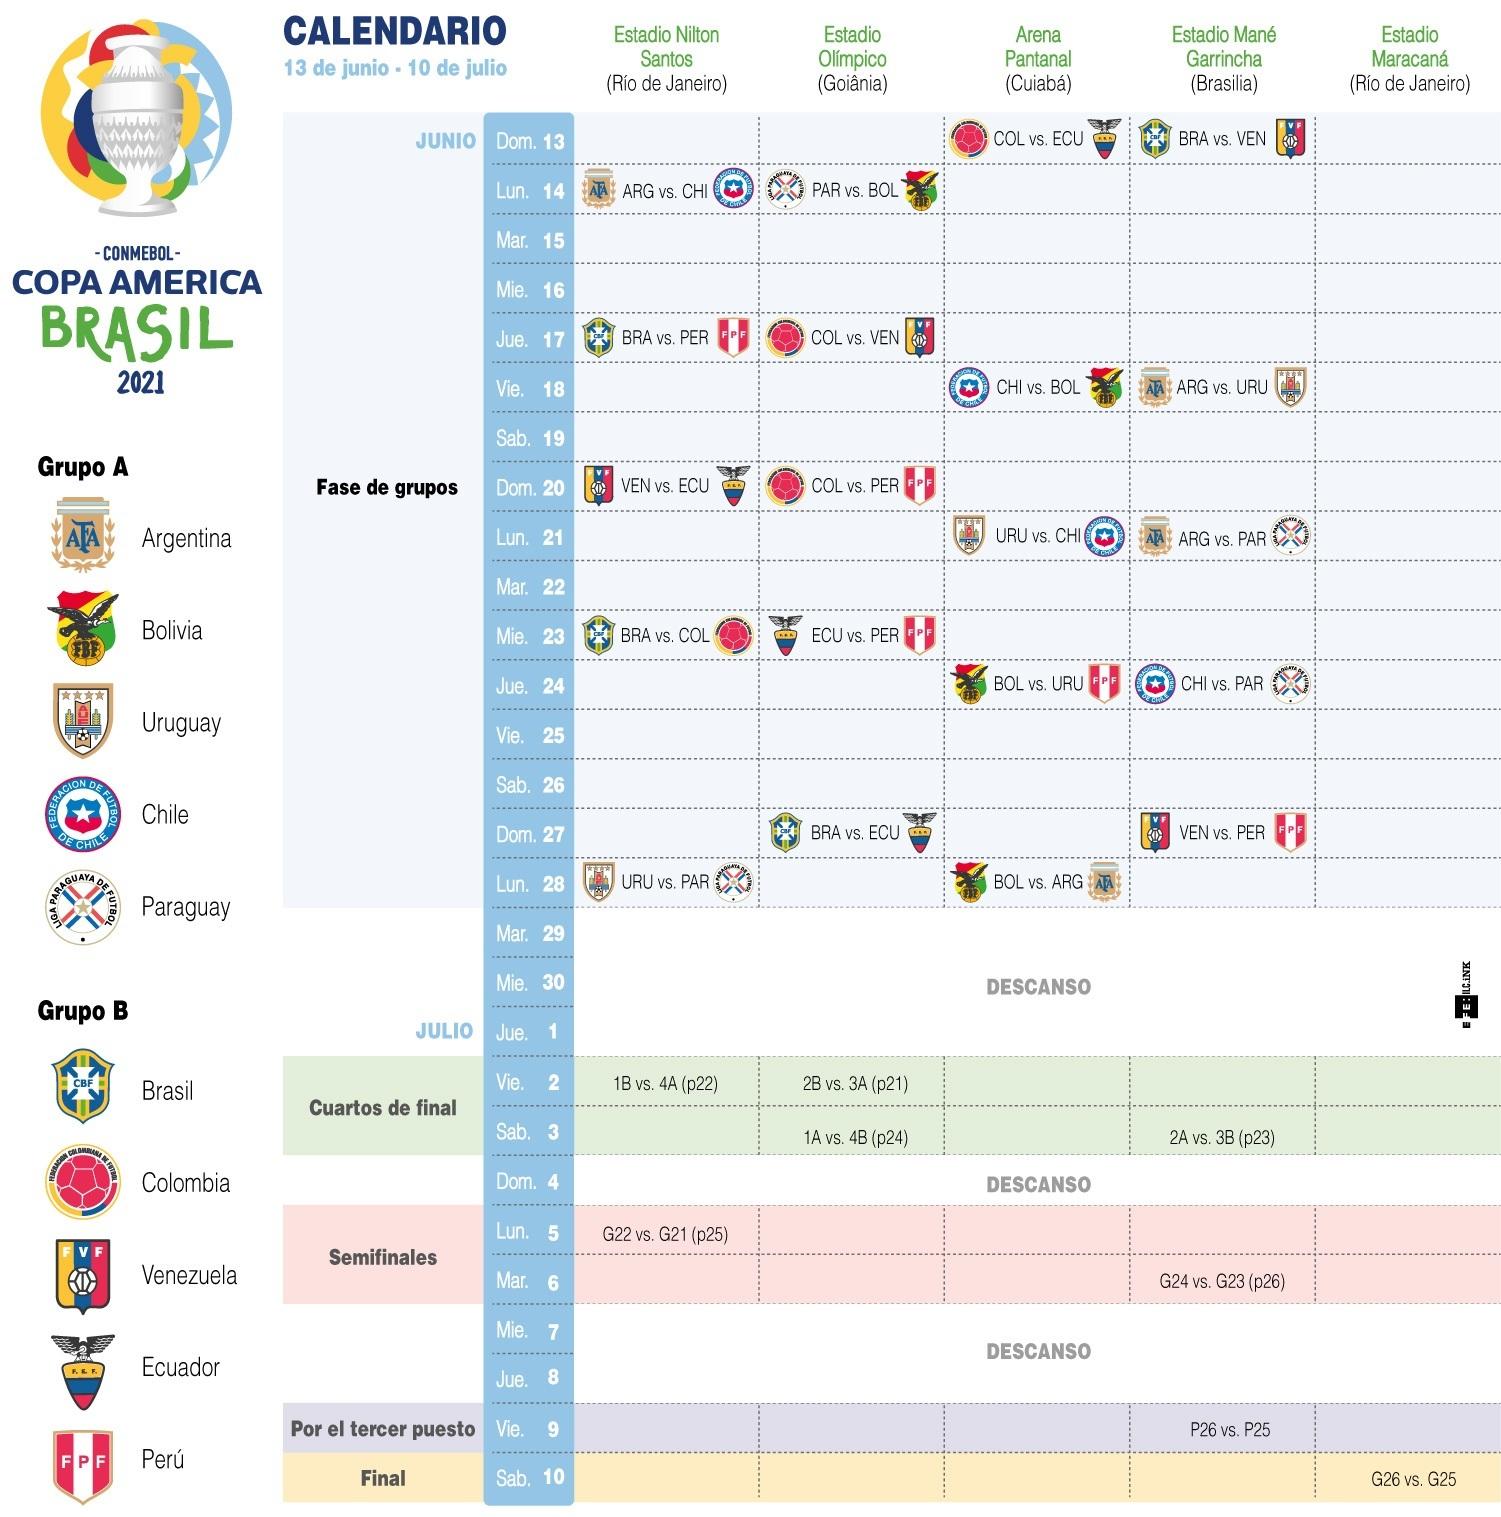 [Infografía] Este domingo 13 de junio empezará a rodar el balón en la Copa América 2021 1